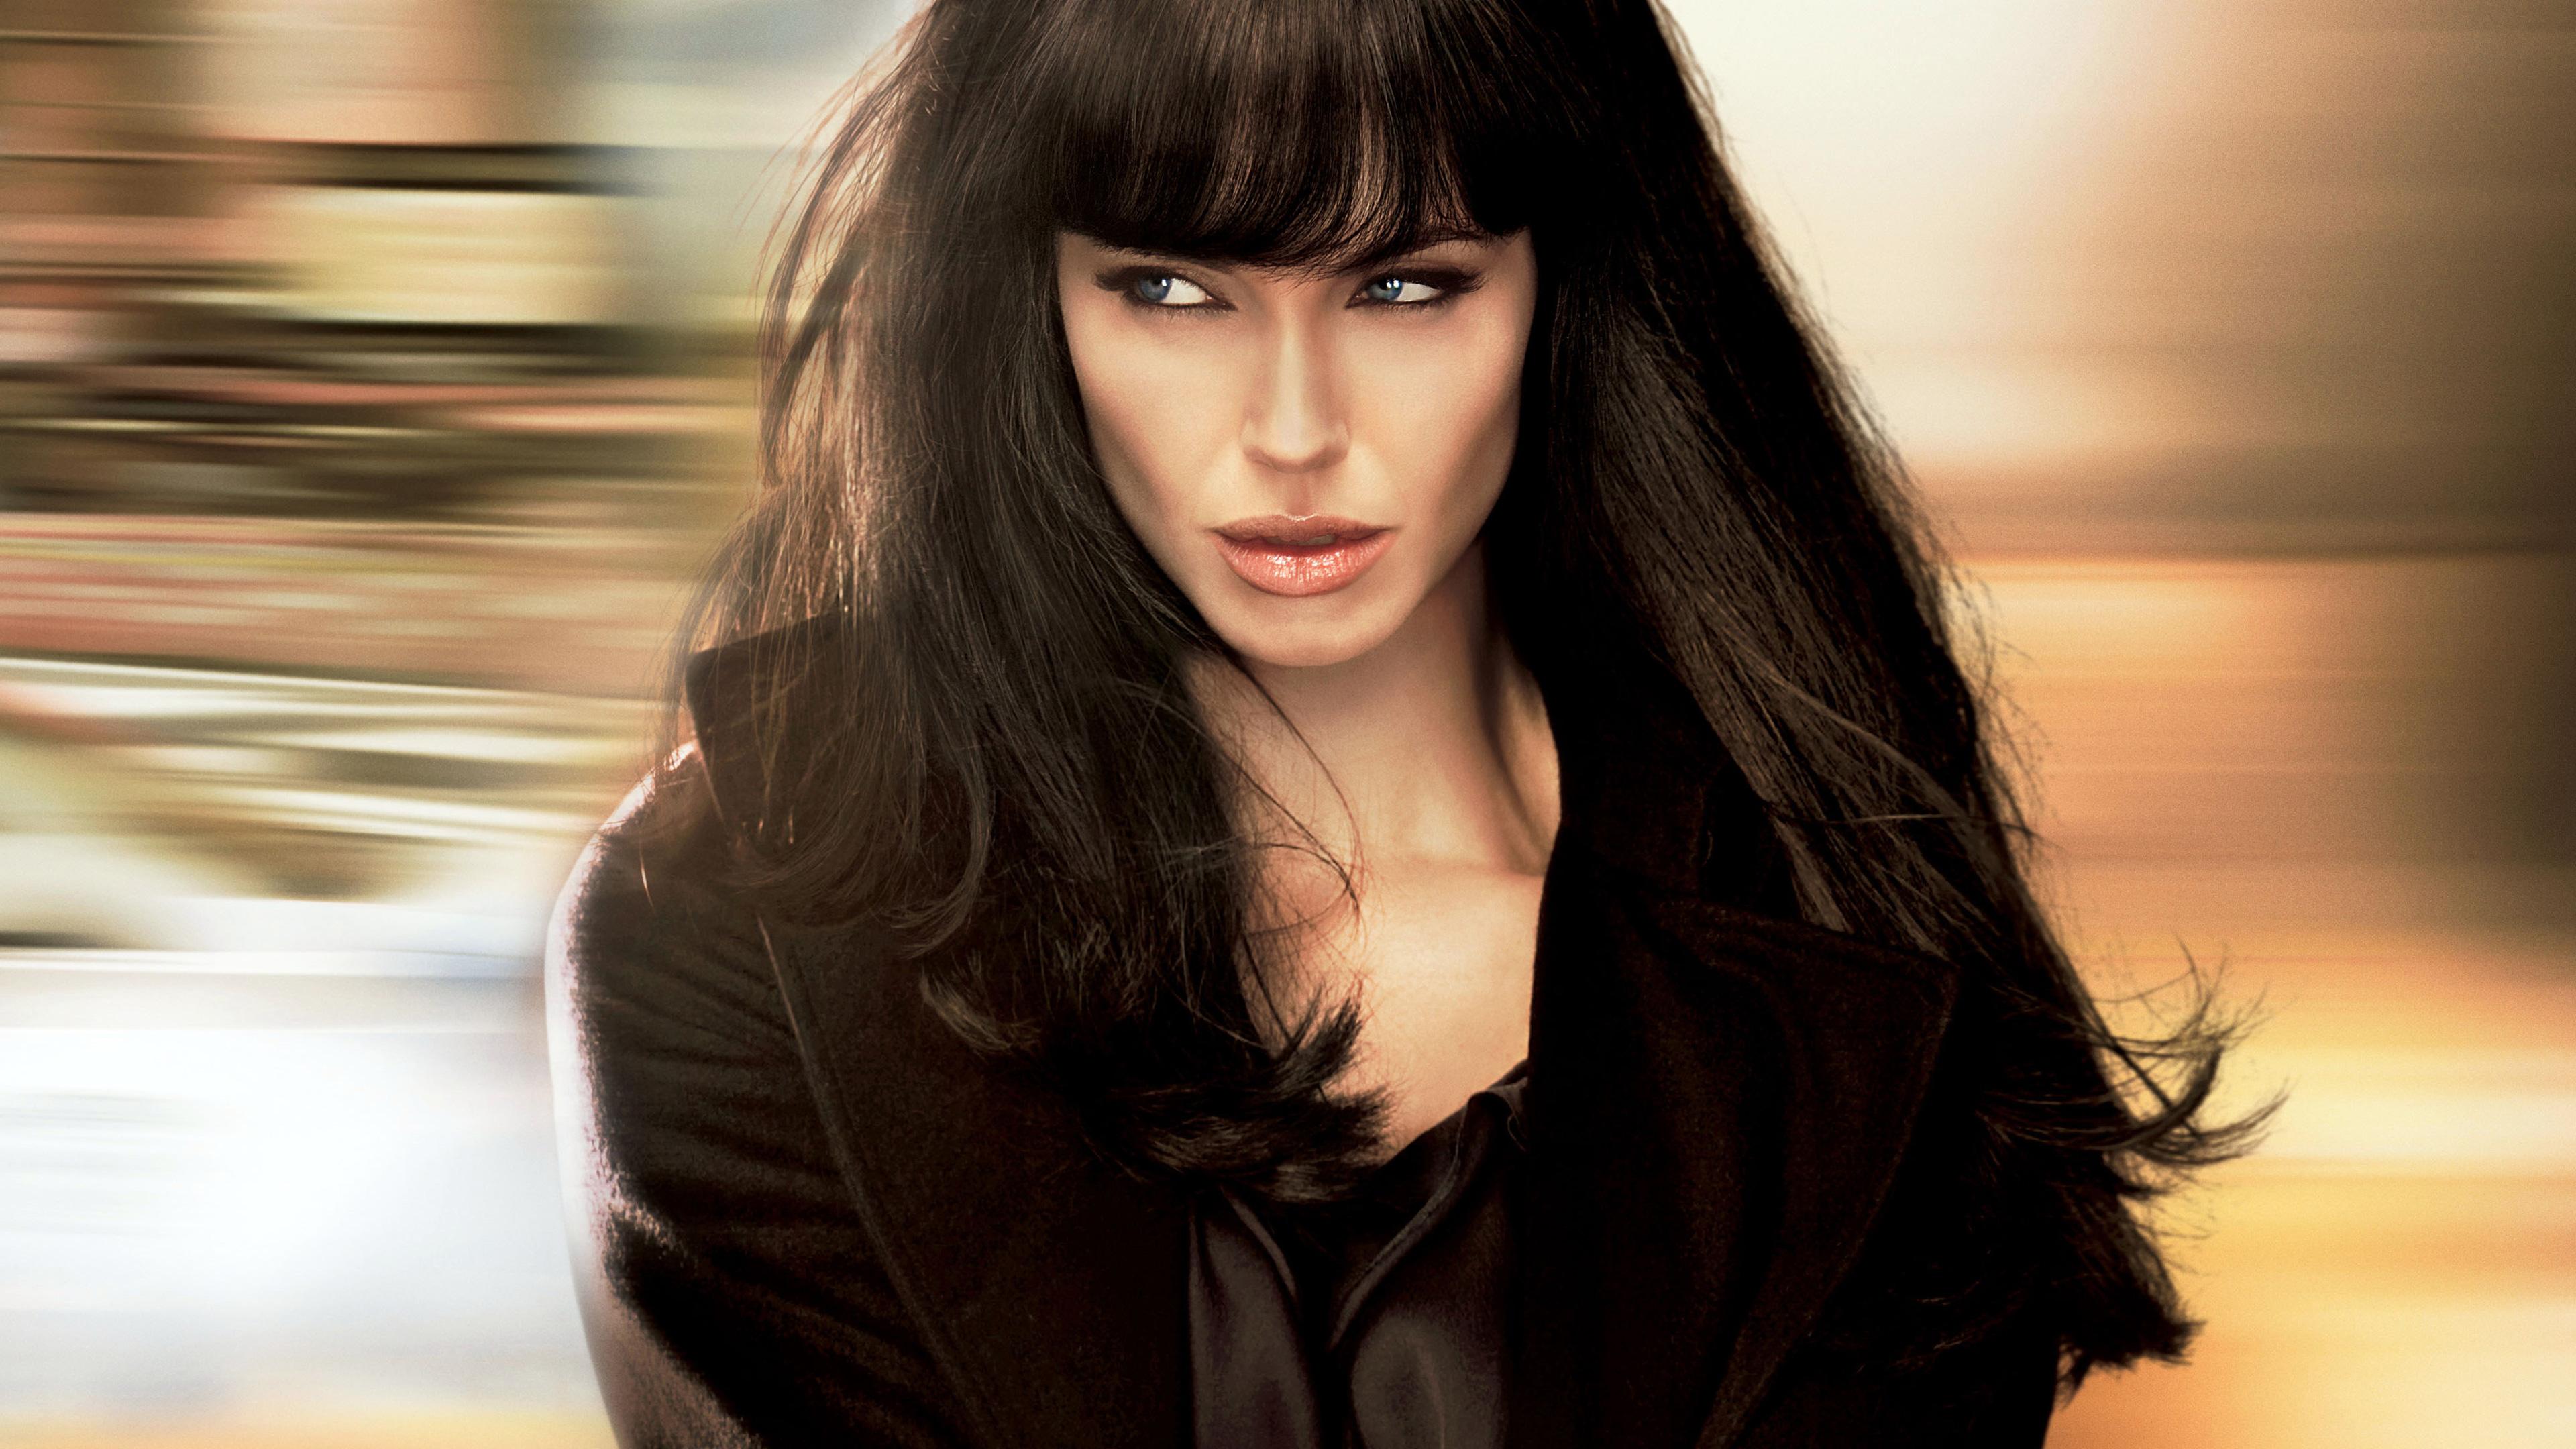 Angelina Jolie In Salt Movie, HD Movies, 4k Wallpapers ...